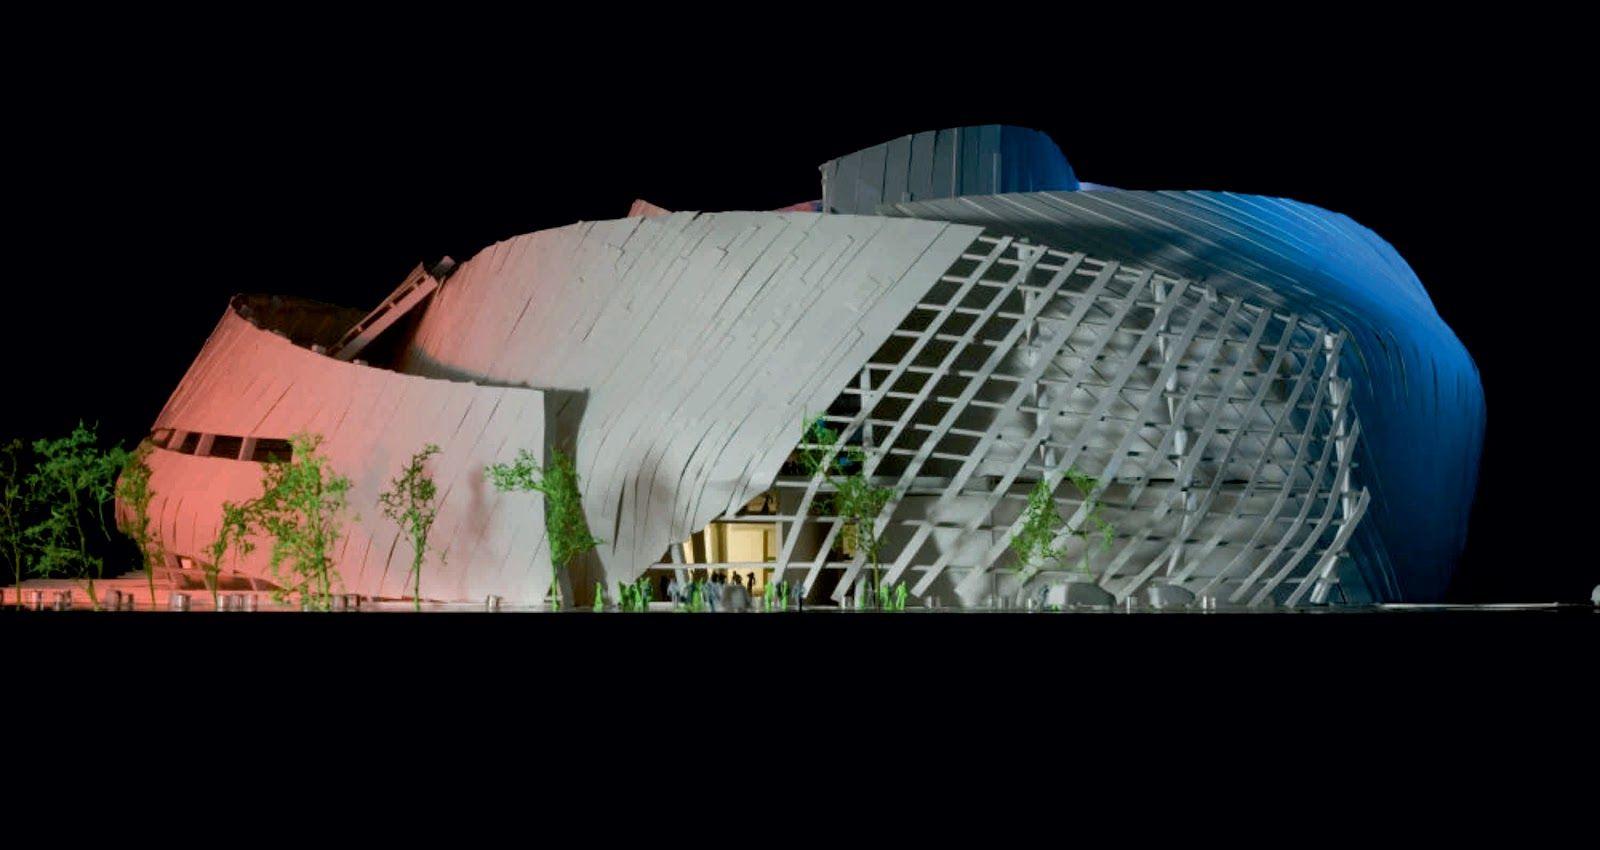 Centro de Descubrimiento de Arch2O Massar Niños Por Henning Larsen11